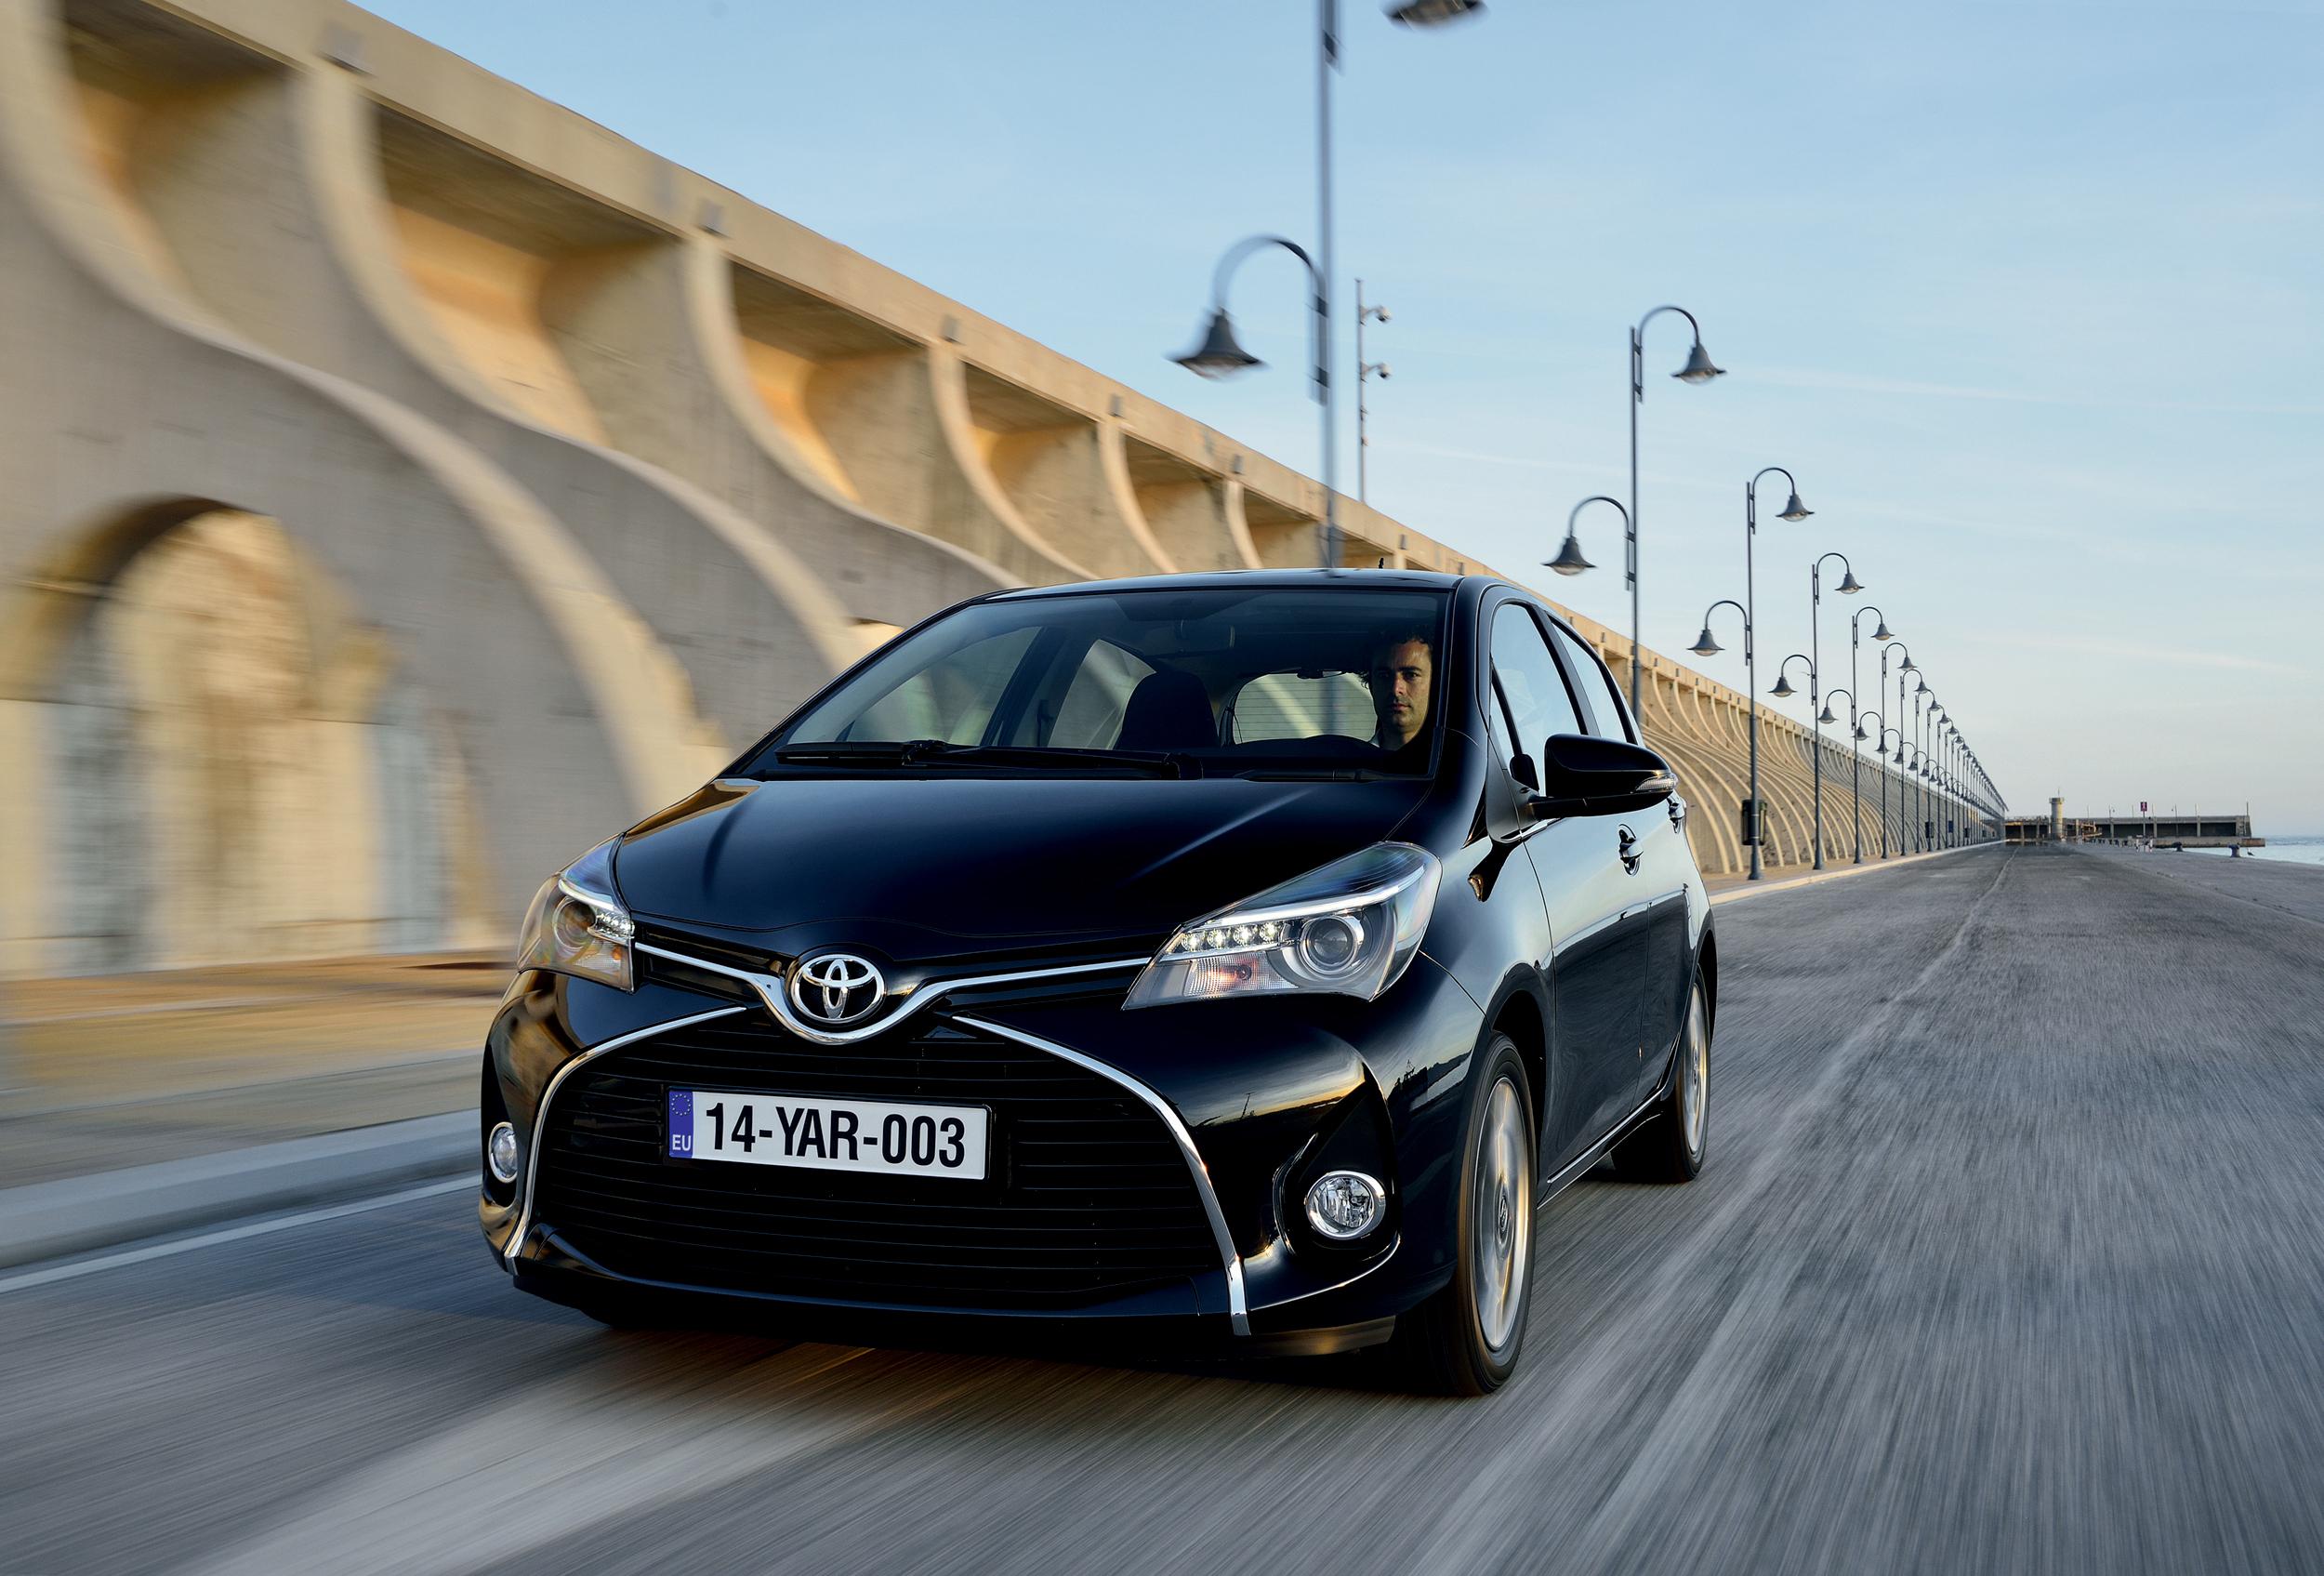 Kelebihan Kekurangan Toyota Yaris 2014 Perbandingan Harga